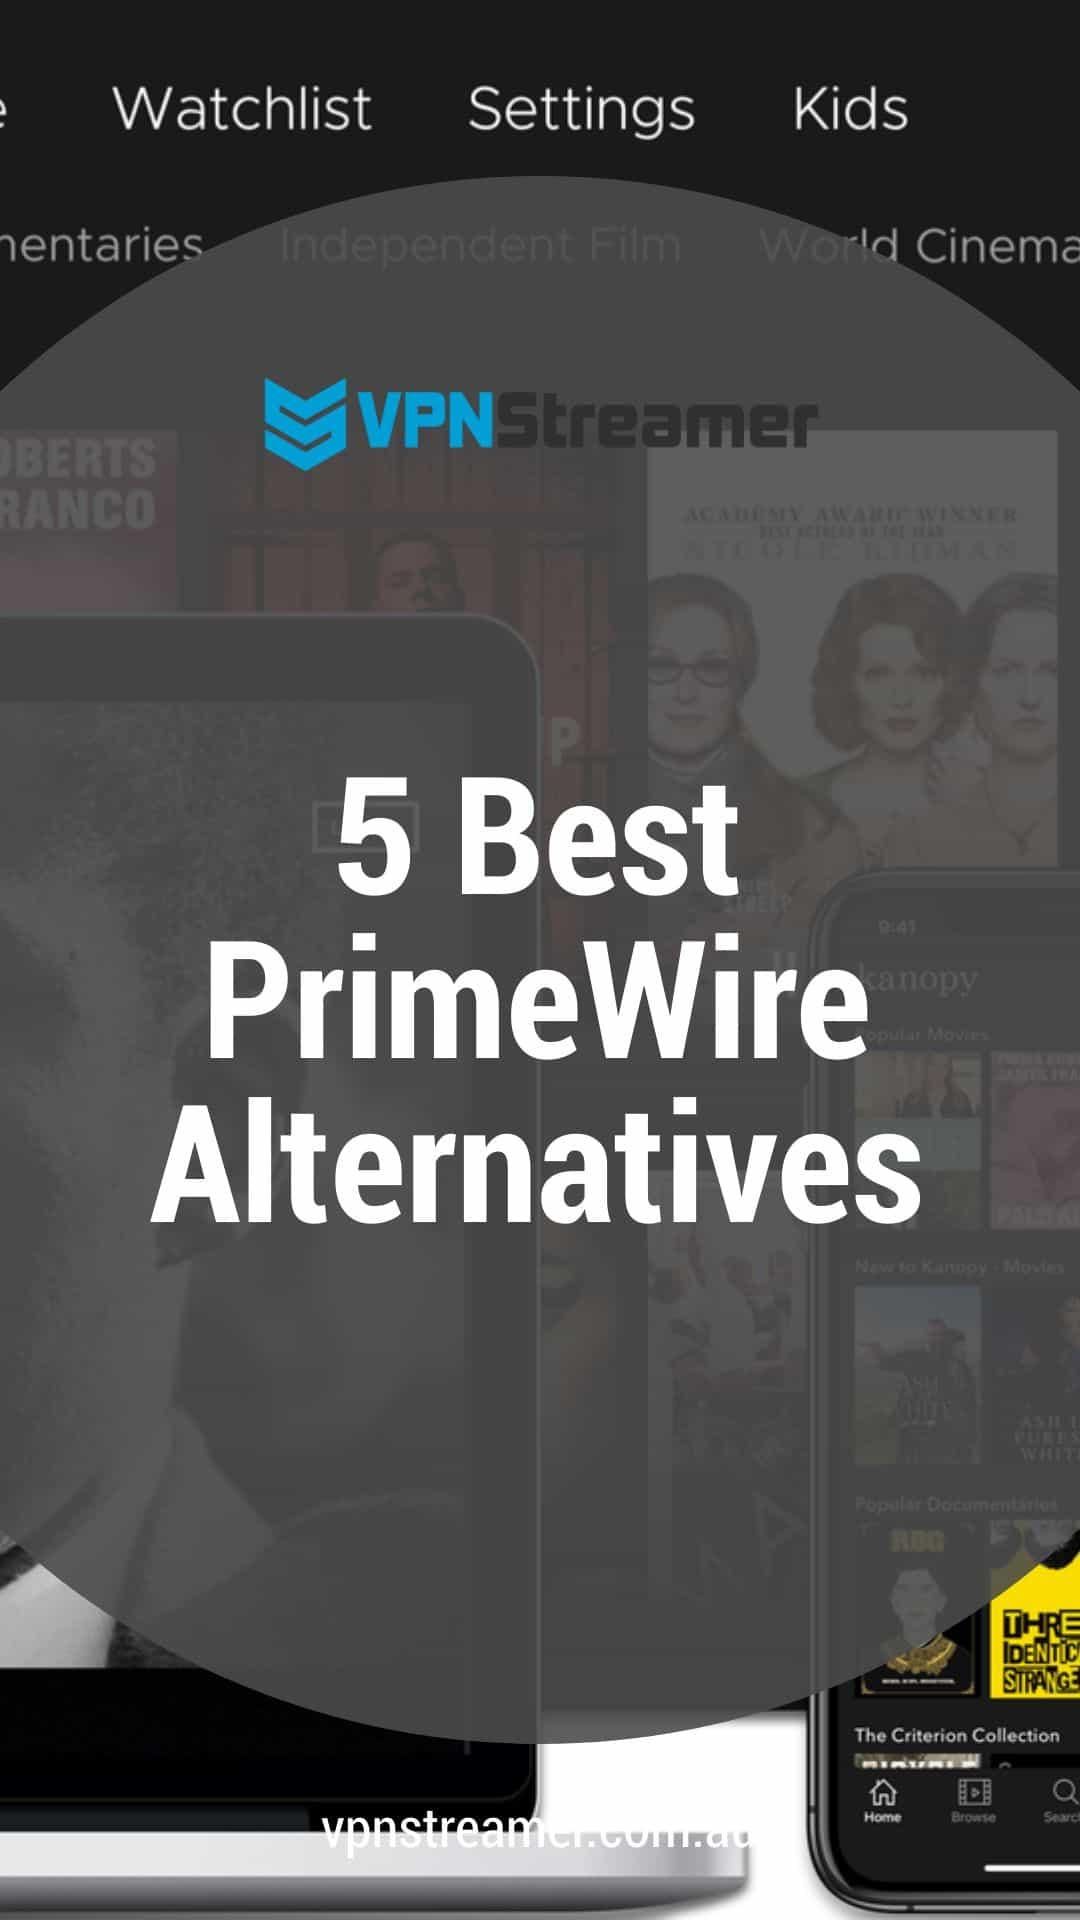 5 Best PrimeWire Alternatives